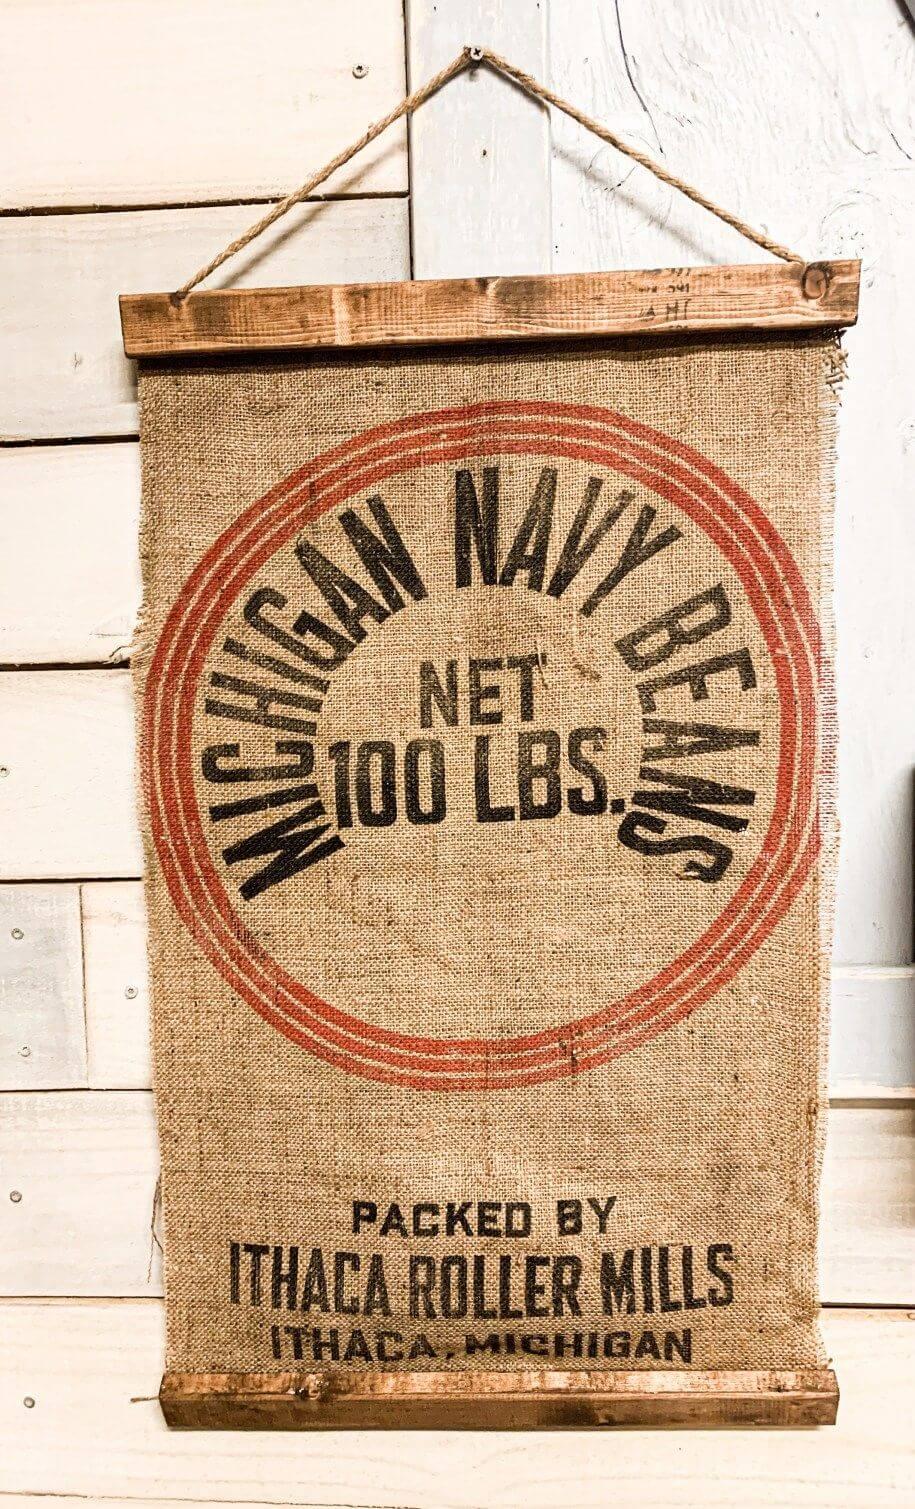 Bannière suspendue en sac de haricots nostalgique tourné